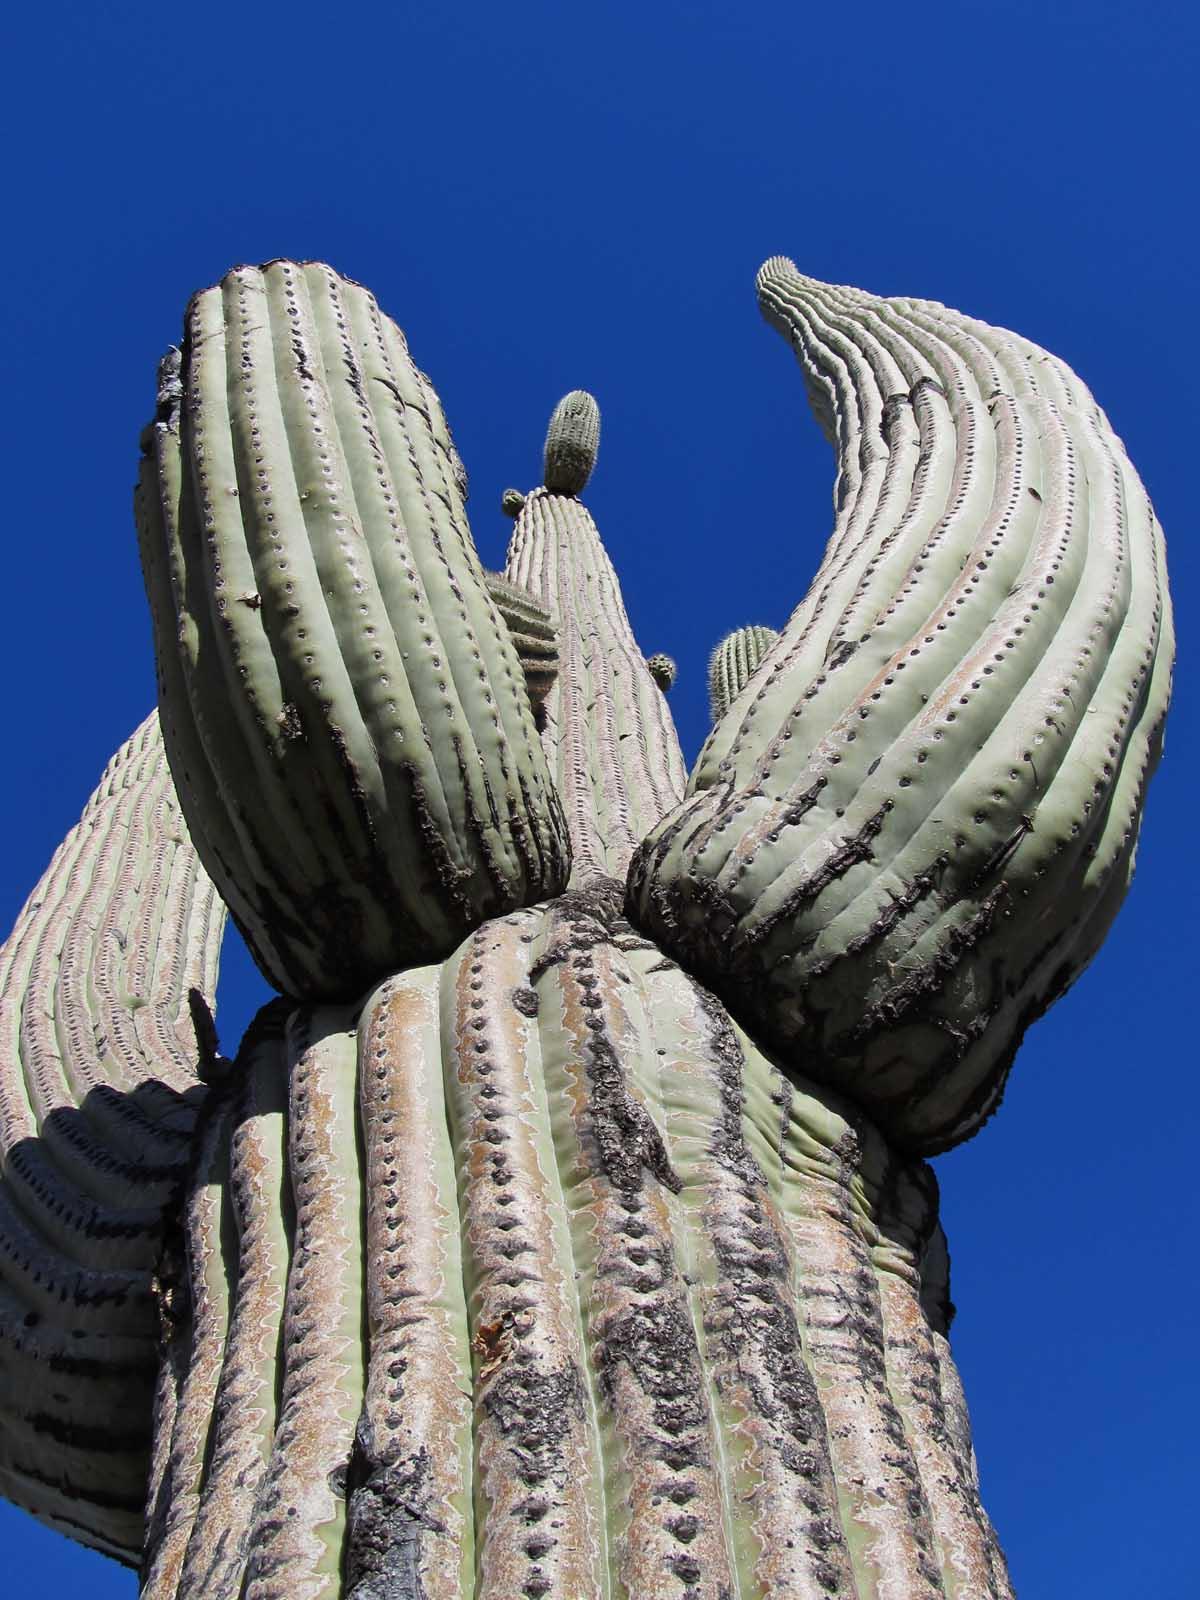 Large Saguaro